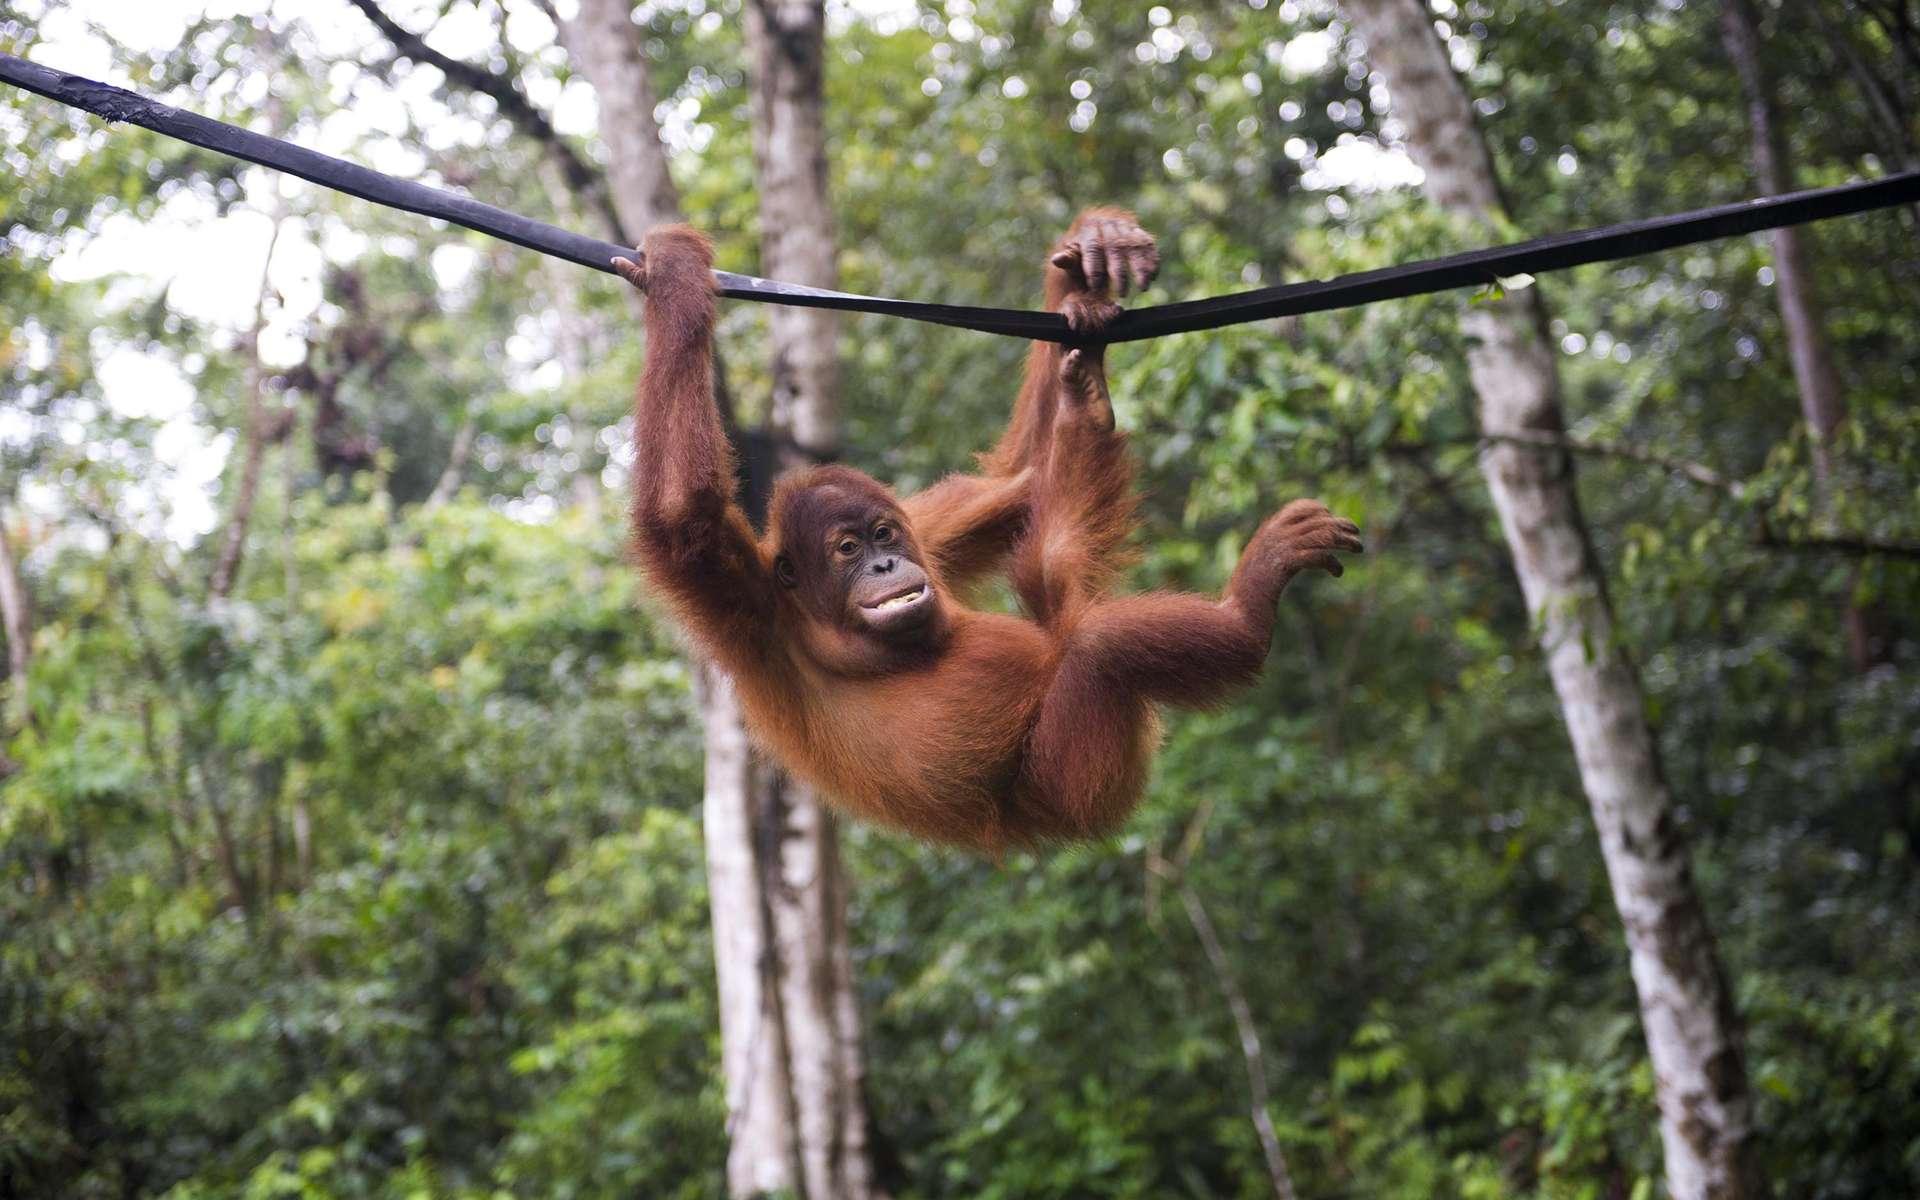 La population d'orangs-outangs de Bornéo a chuté de 25 % ces dix dernières années, indique une étude publiée dans Scientific Reports. © Chaideer Mahyuddin, AFP